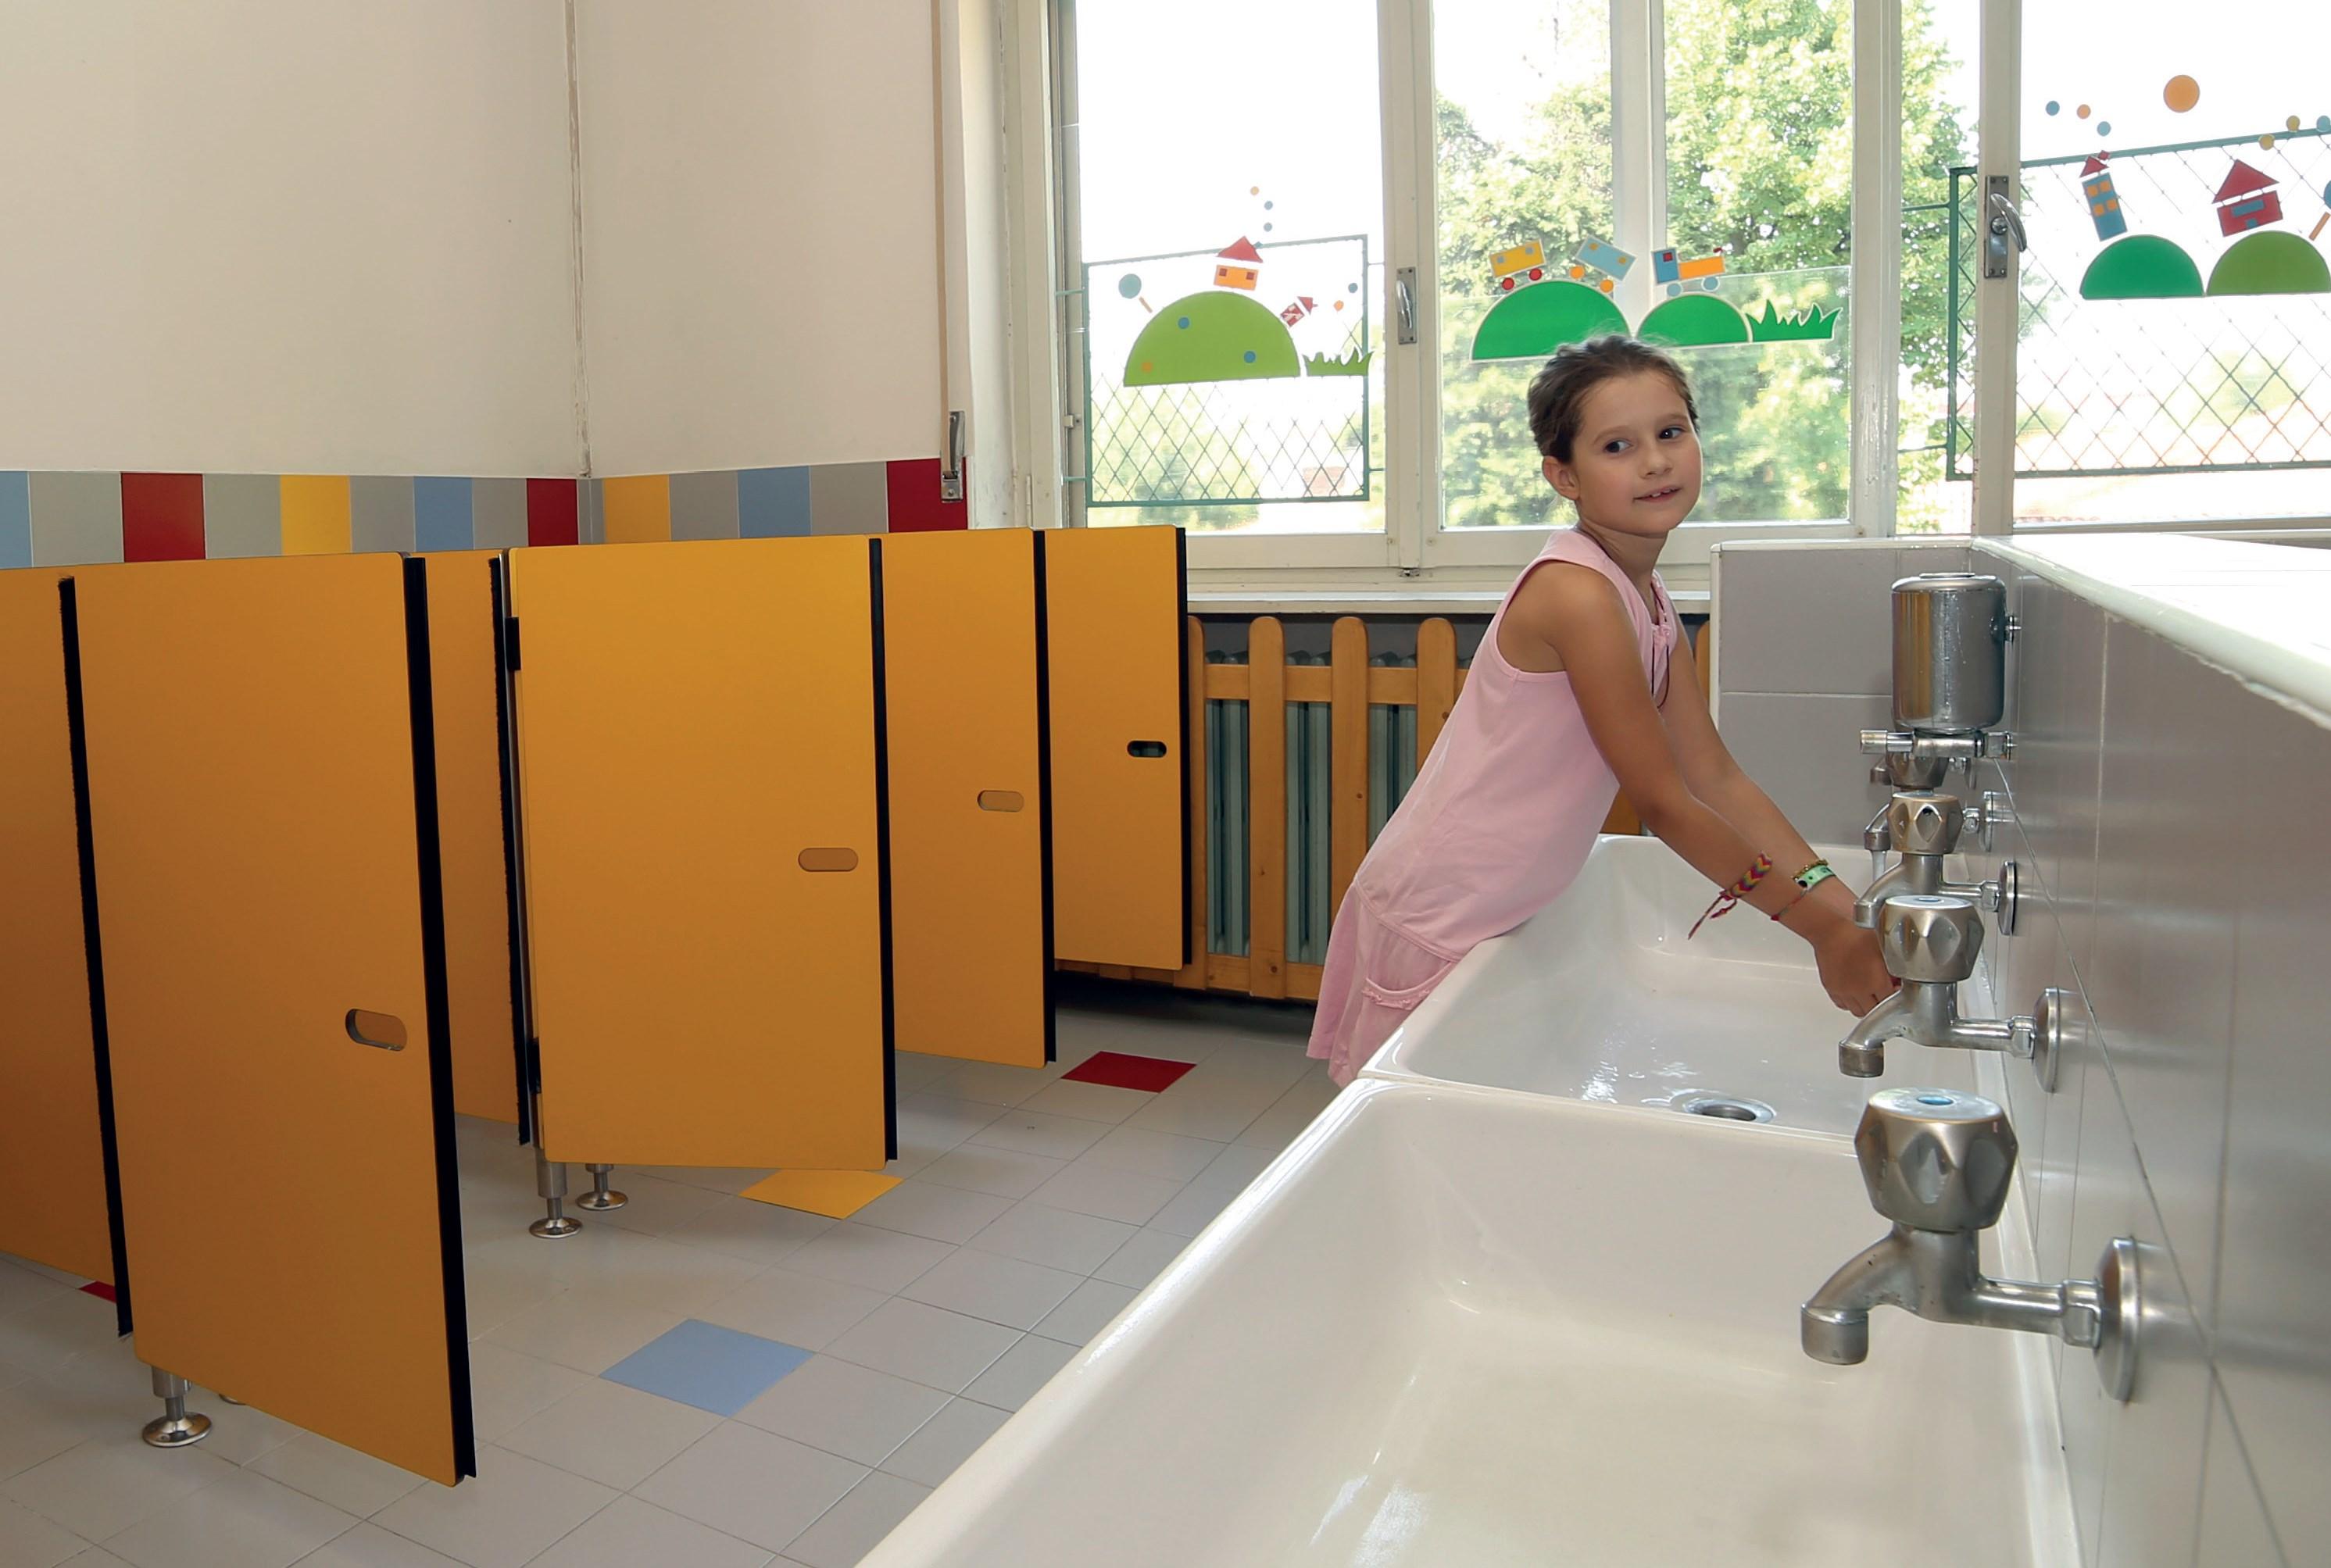 fot. Fotolia.com Czysta łazienka w placówkach opieki nad dziećmi